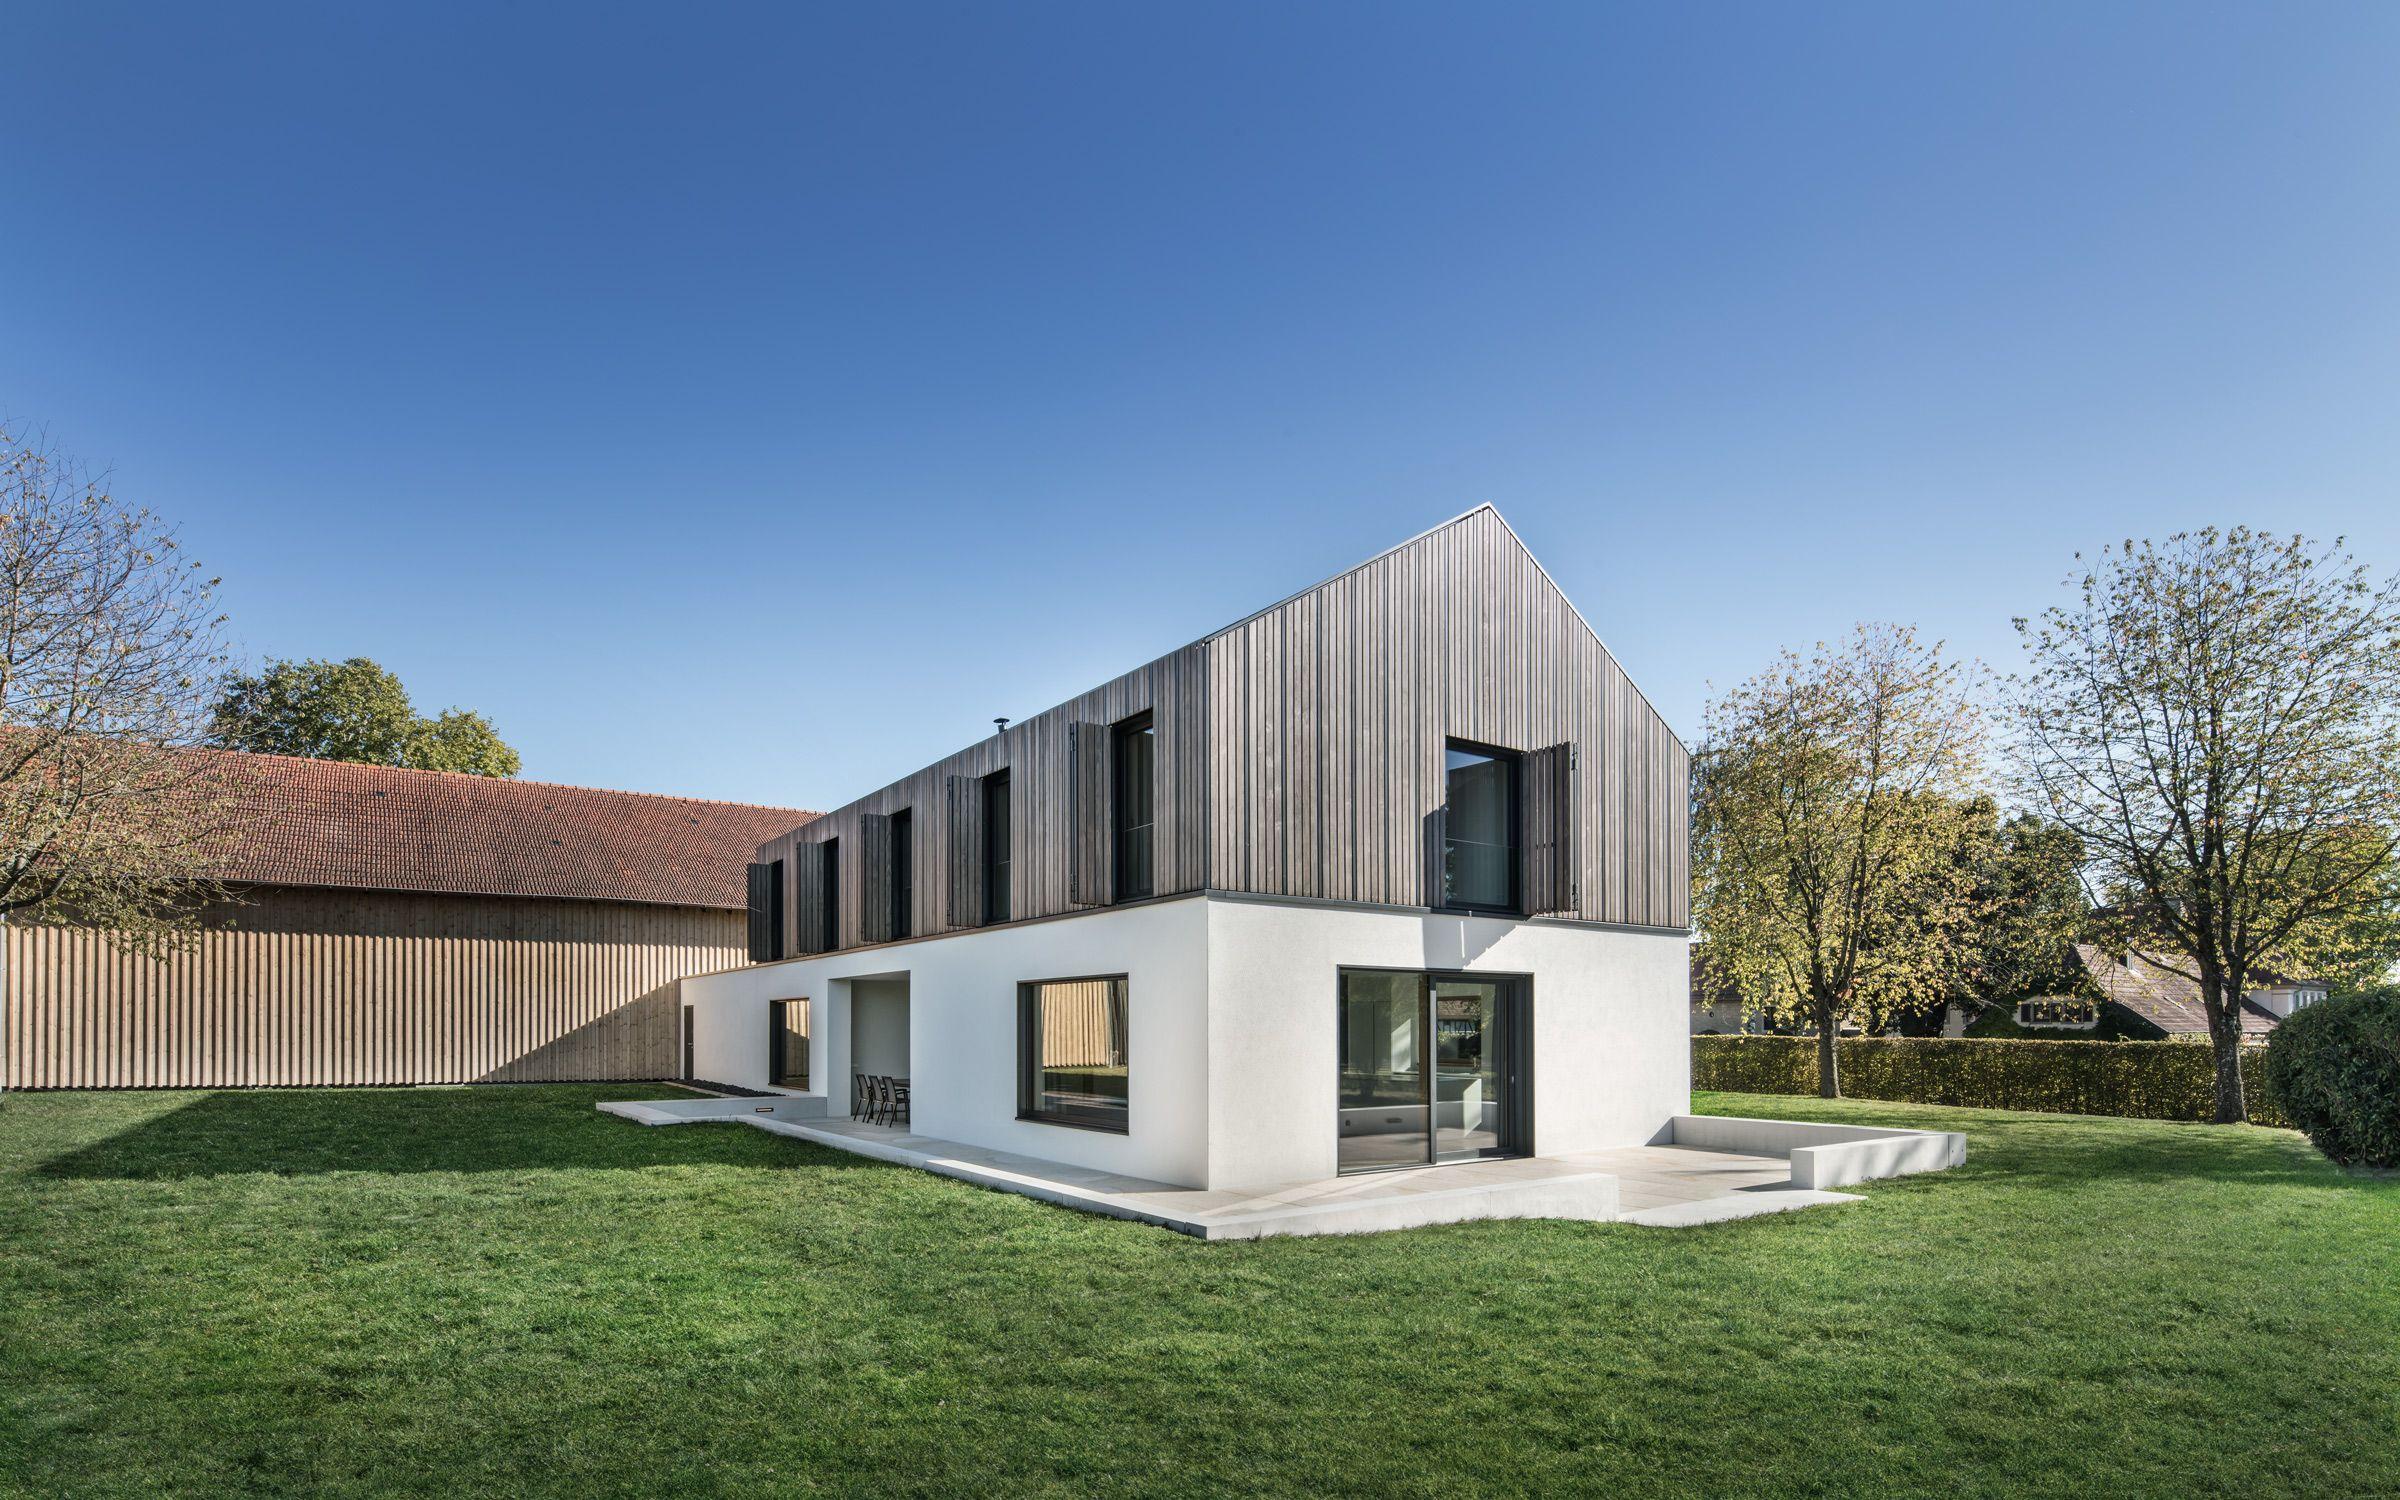 Modernes Landhaus   – Architektenhäuser – Architektonische Highlights 2019